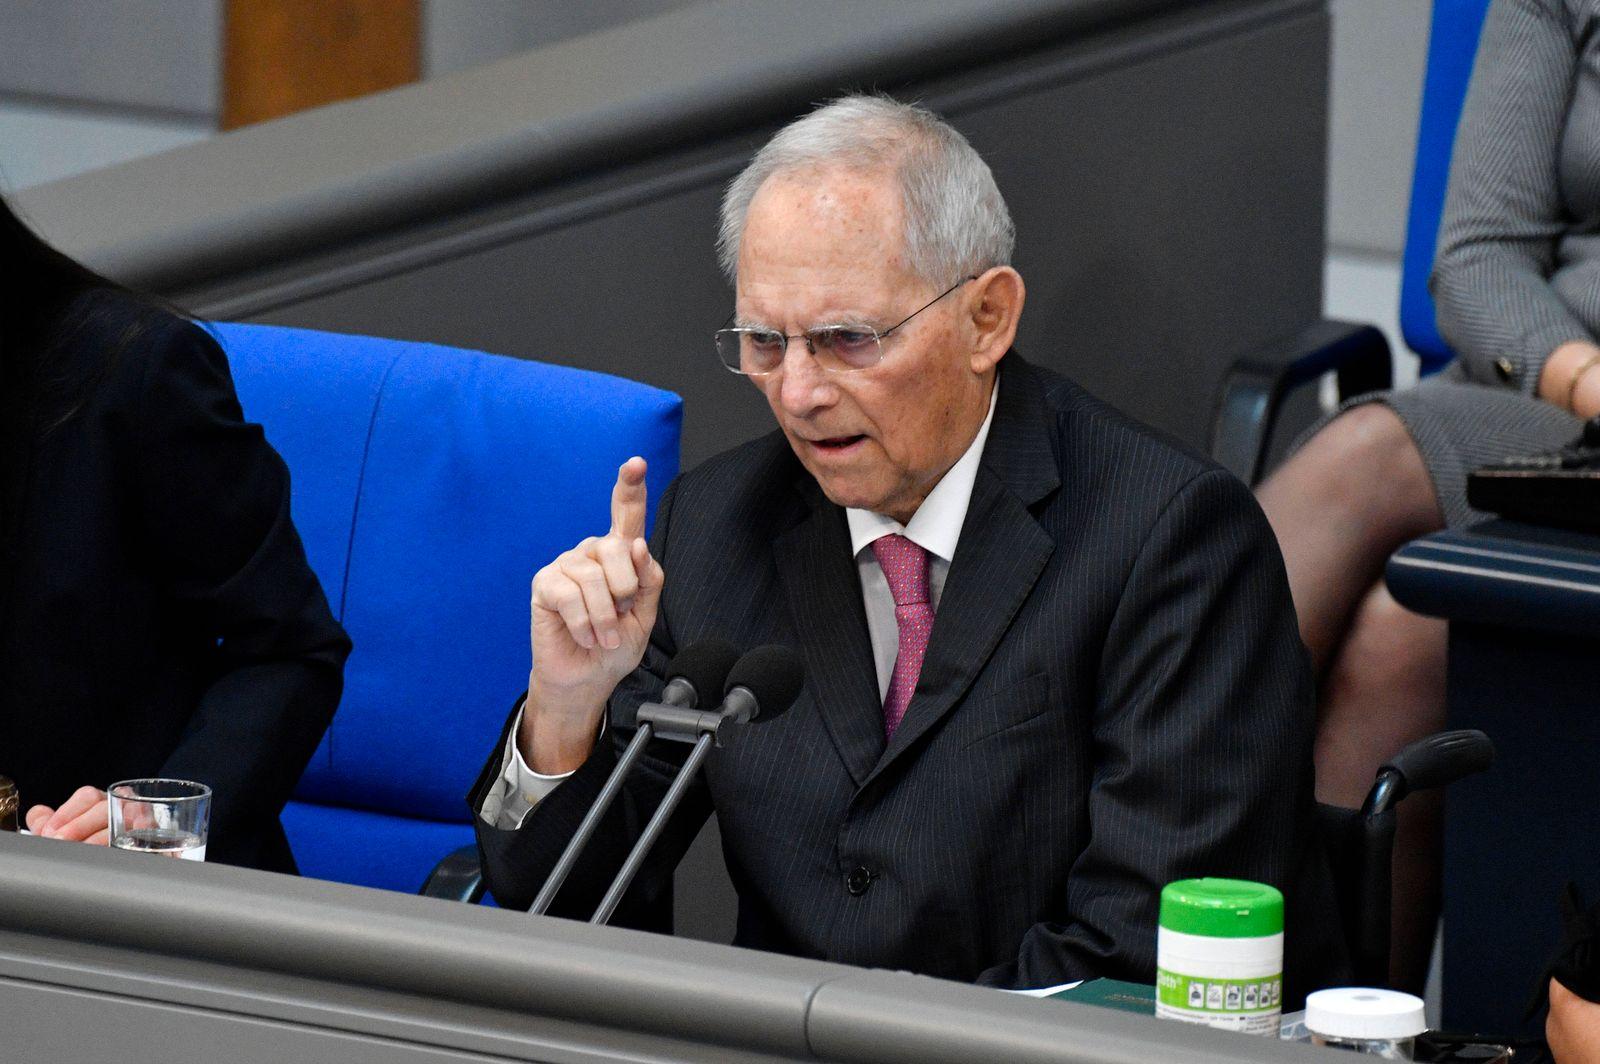 Wolfgang Schäuble in der 219. Sitzung des Deutschen Bundestages im Reichstagsgebäude. Berlin, 26.03.2021 *** Wolfgang Sc